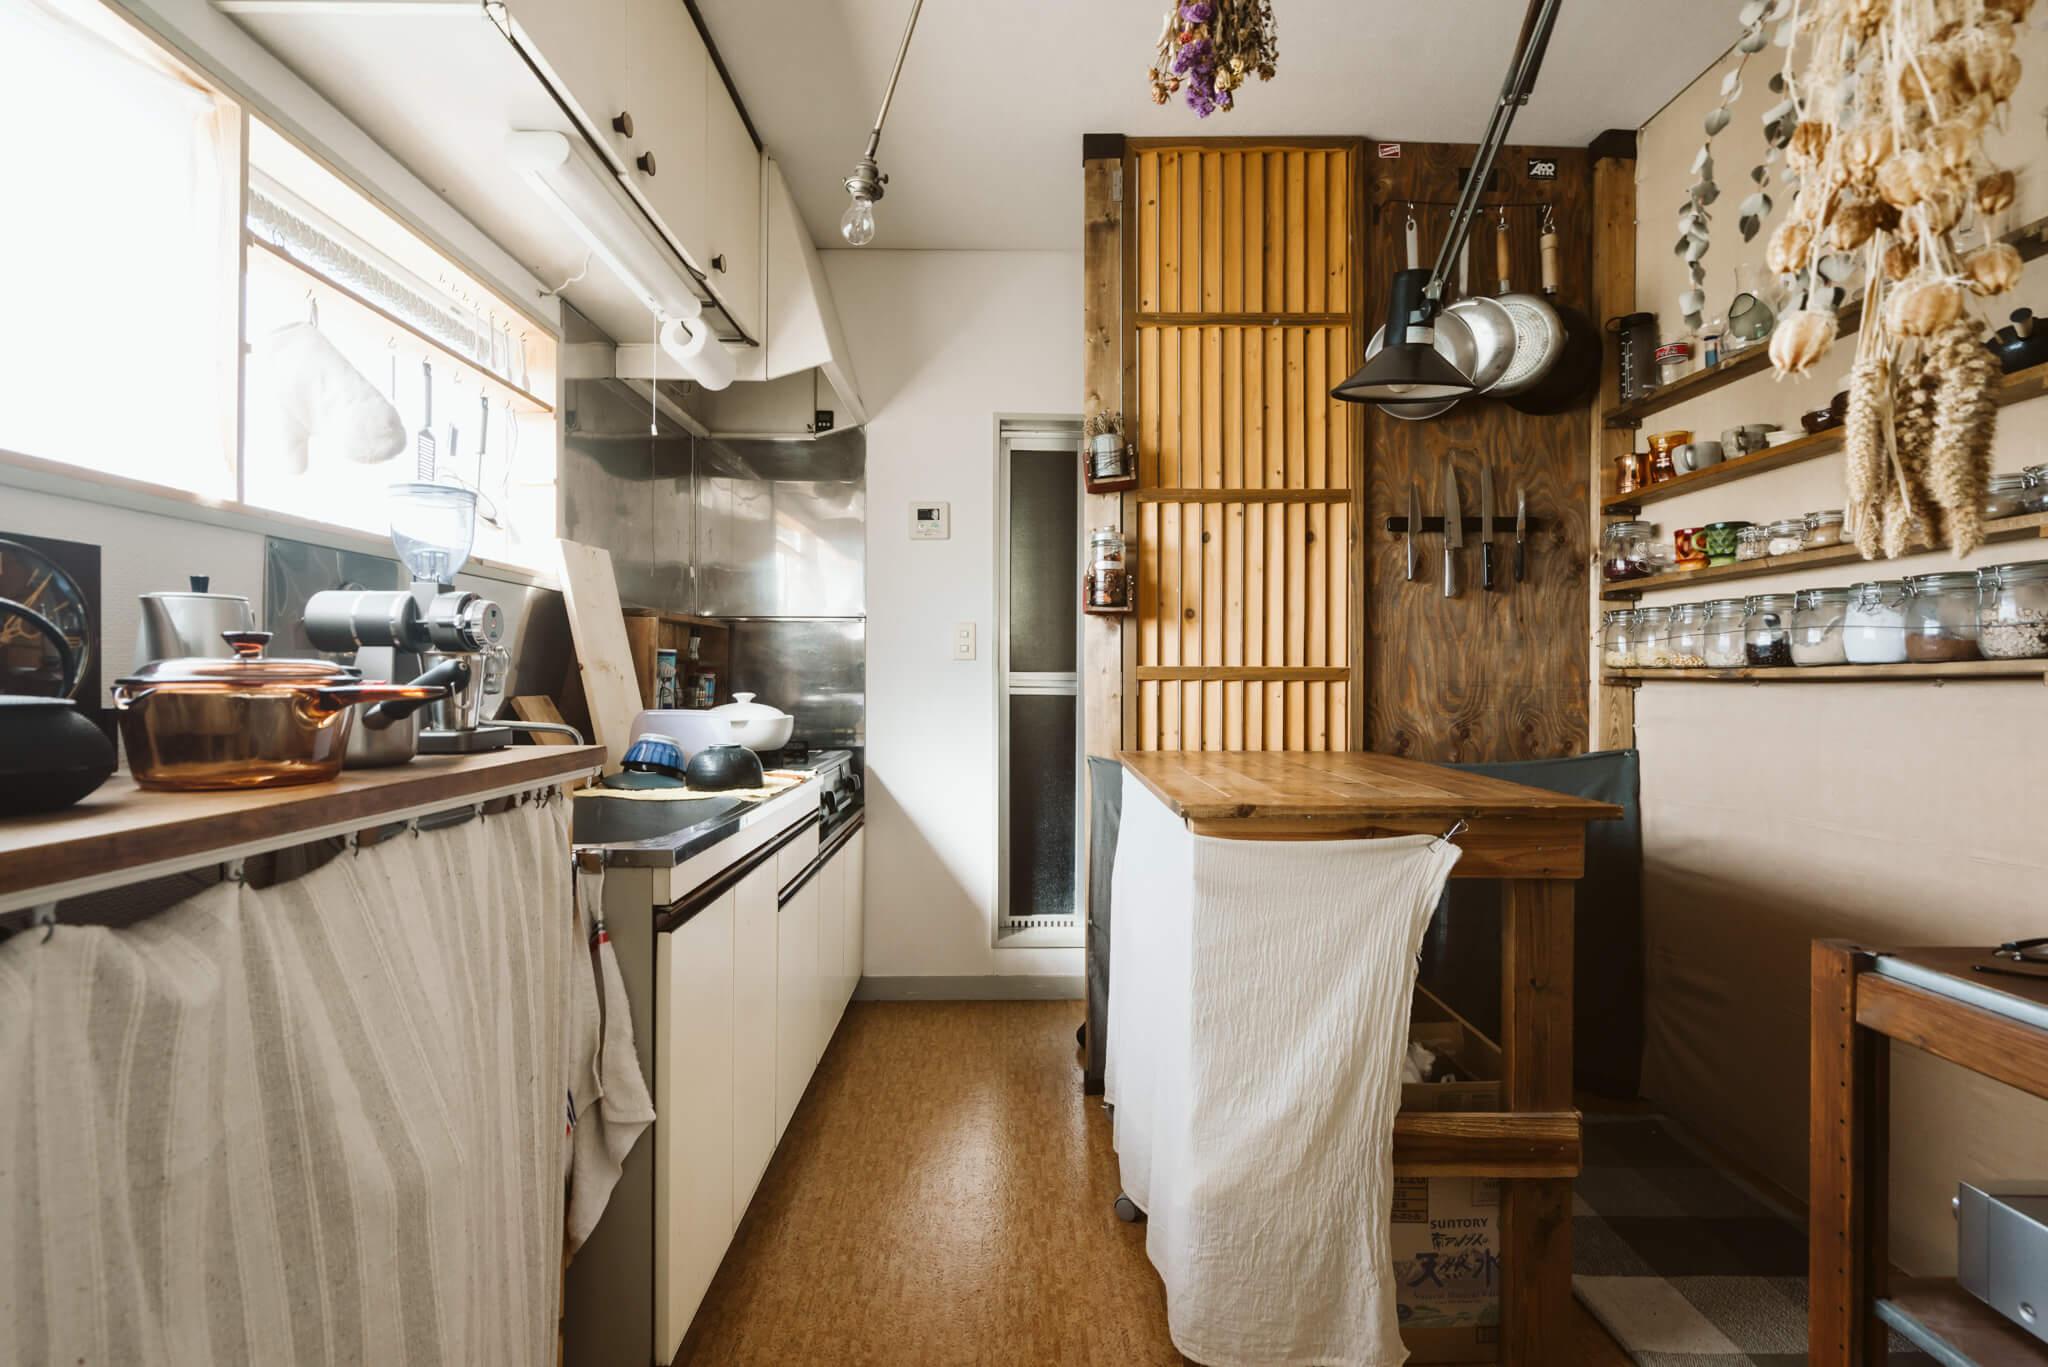 玄関からキッチンが丸見えになってしまう間取りでも活躍。間仕切りがあることで空間にメリハリが出ます。